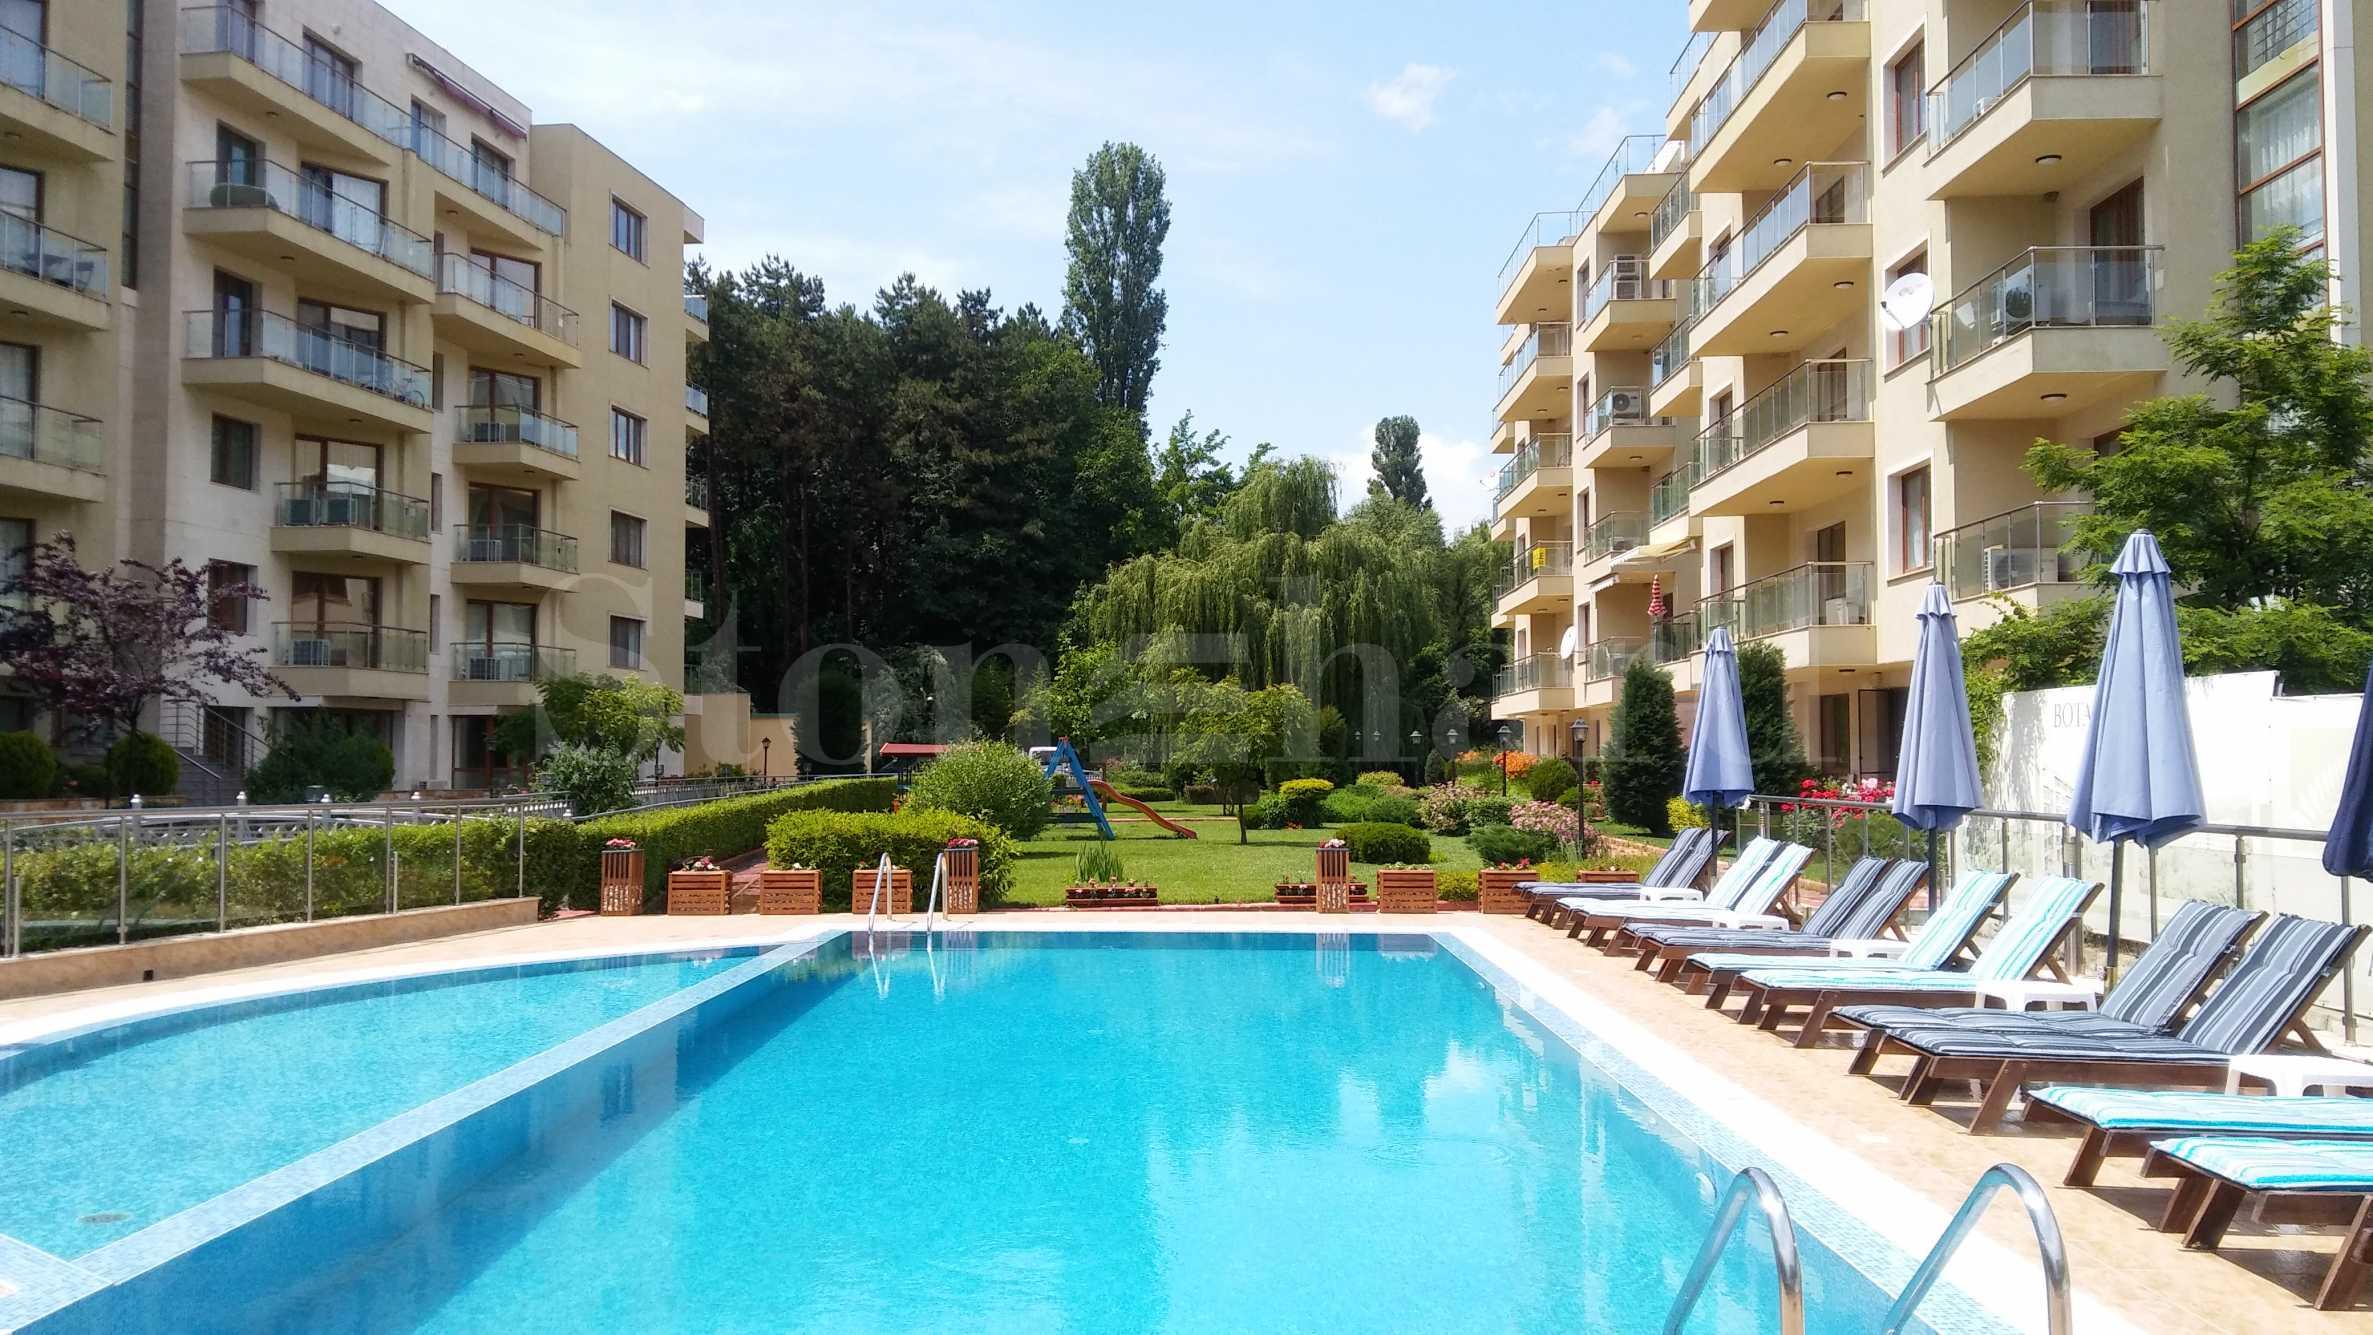 VIP Residence near the Botanical Garden1 - Stonehard